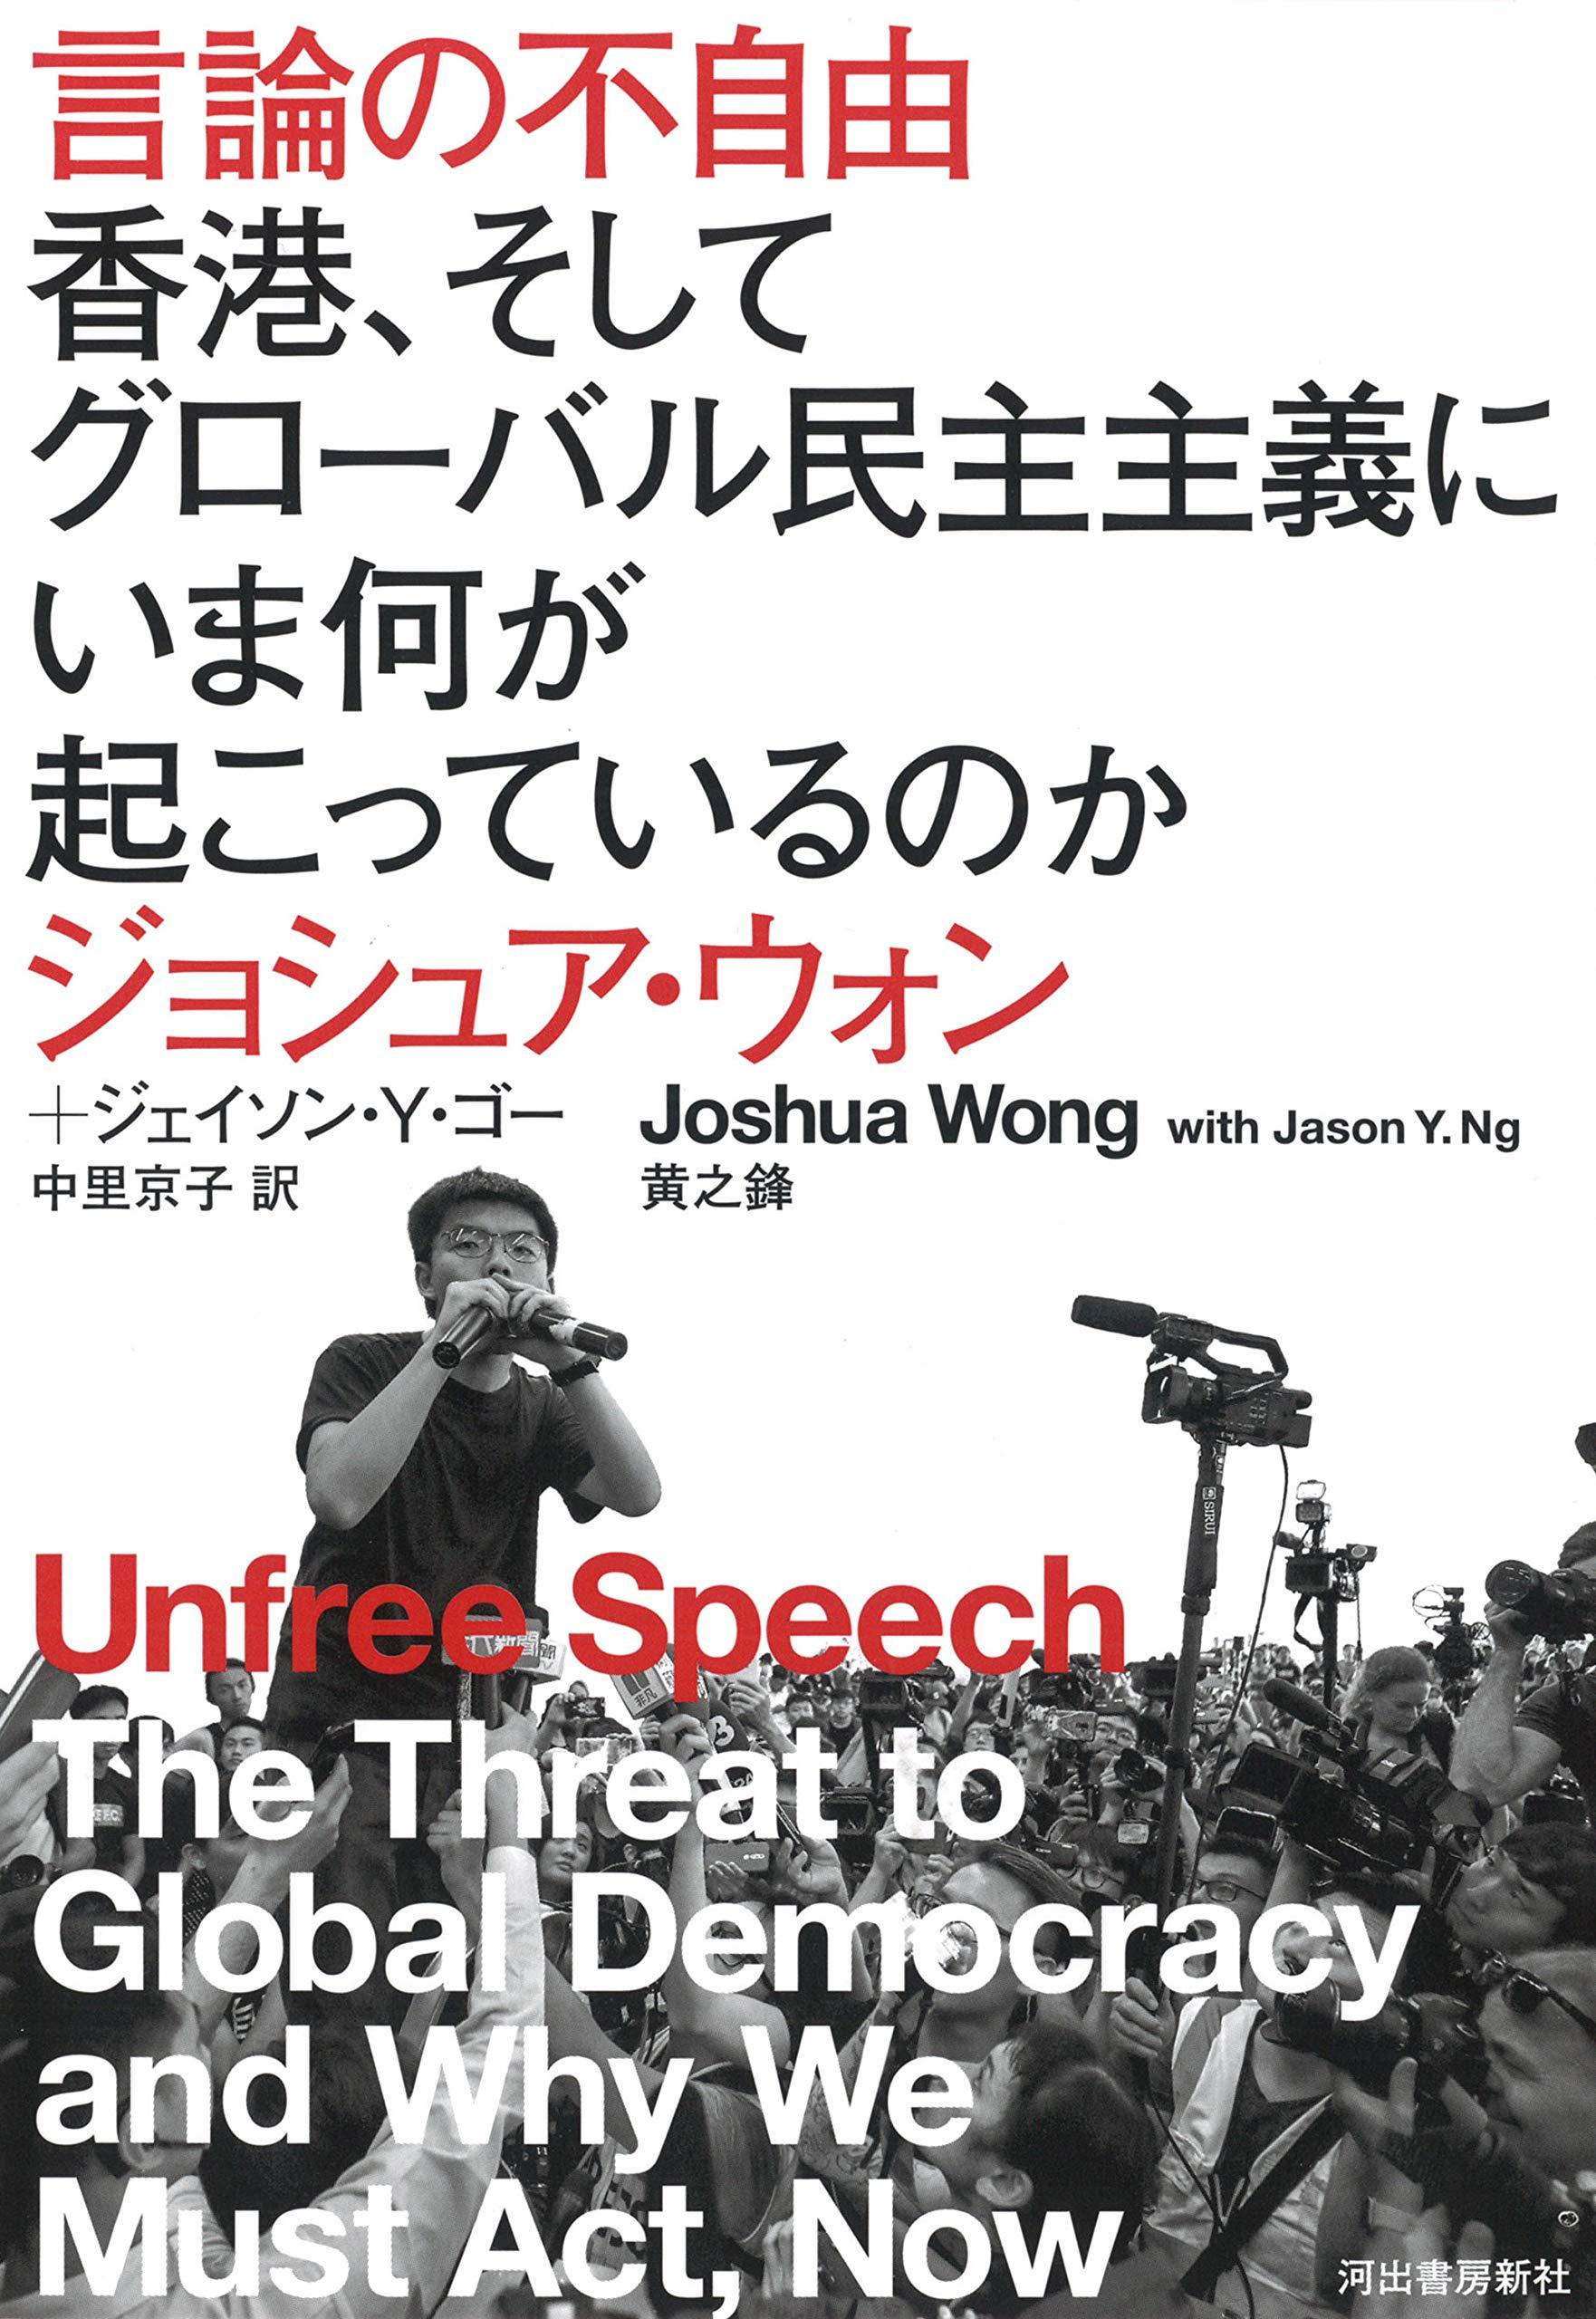 香港の民主化をあきらめない若き活動家の記録~『言論の不自由 香港、そしてグローバル民主主義にいま何が起こっているのか』著◎ジョシュア・ウォン、ジェイソン・Y・ゴー